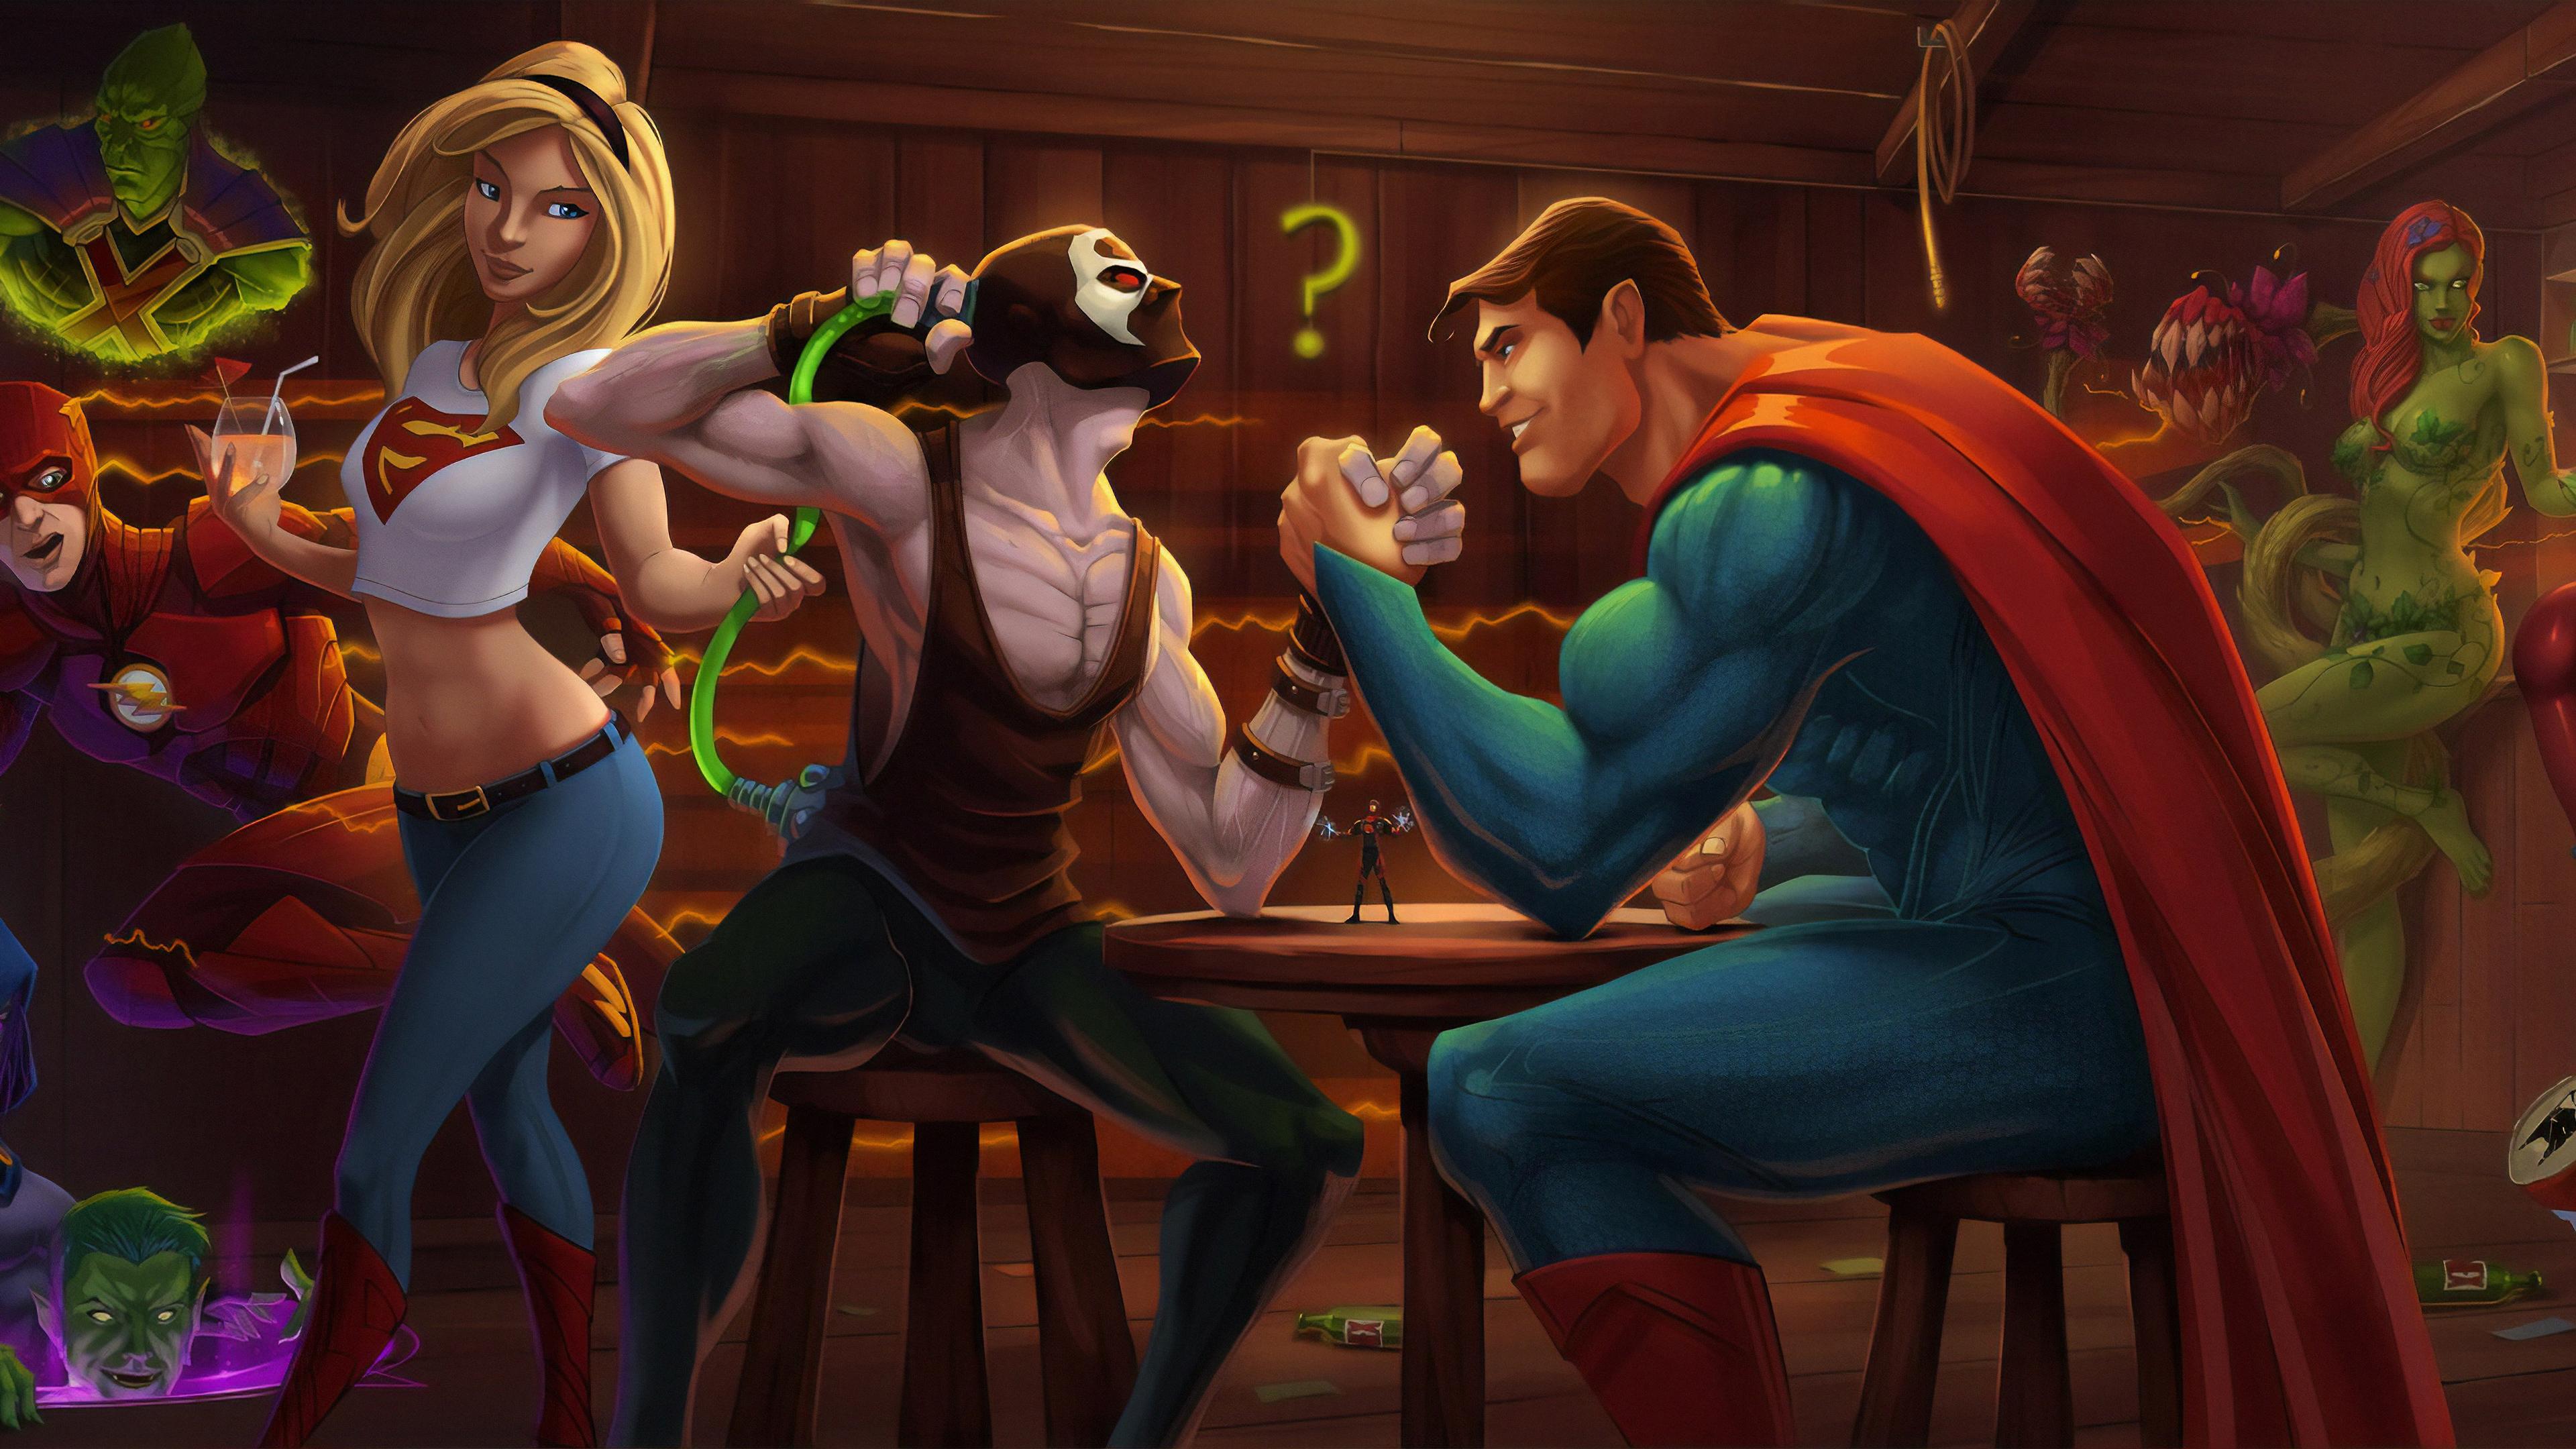 bane and superman 1570393978 - Bane And Superman - superman wallpapers, superheroes wallpapers, hd-wallpapers, bane wallpapers, artwork wallpapers, artstation wallpapers, 4k-wallpapers